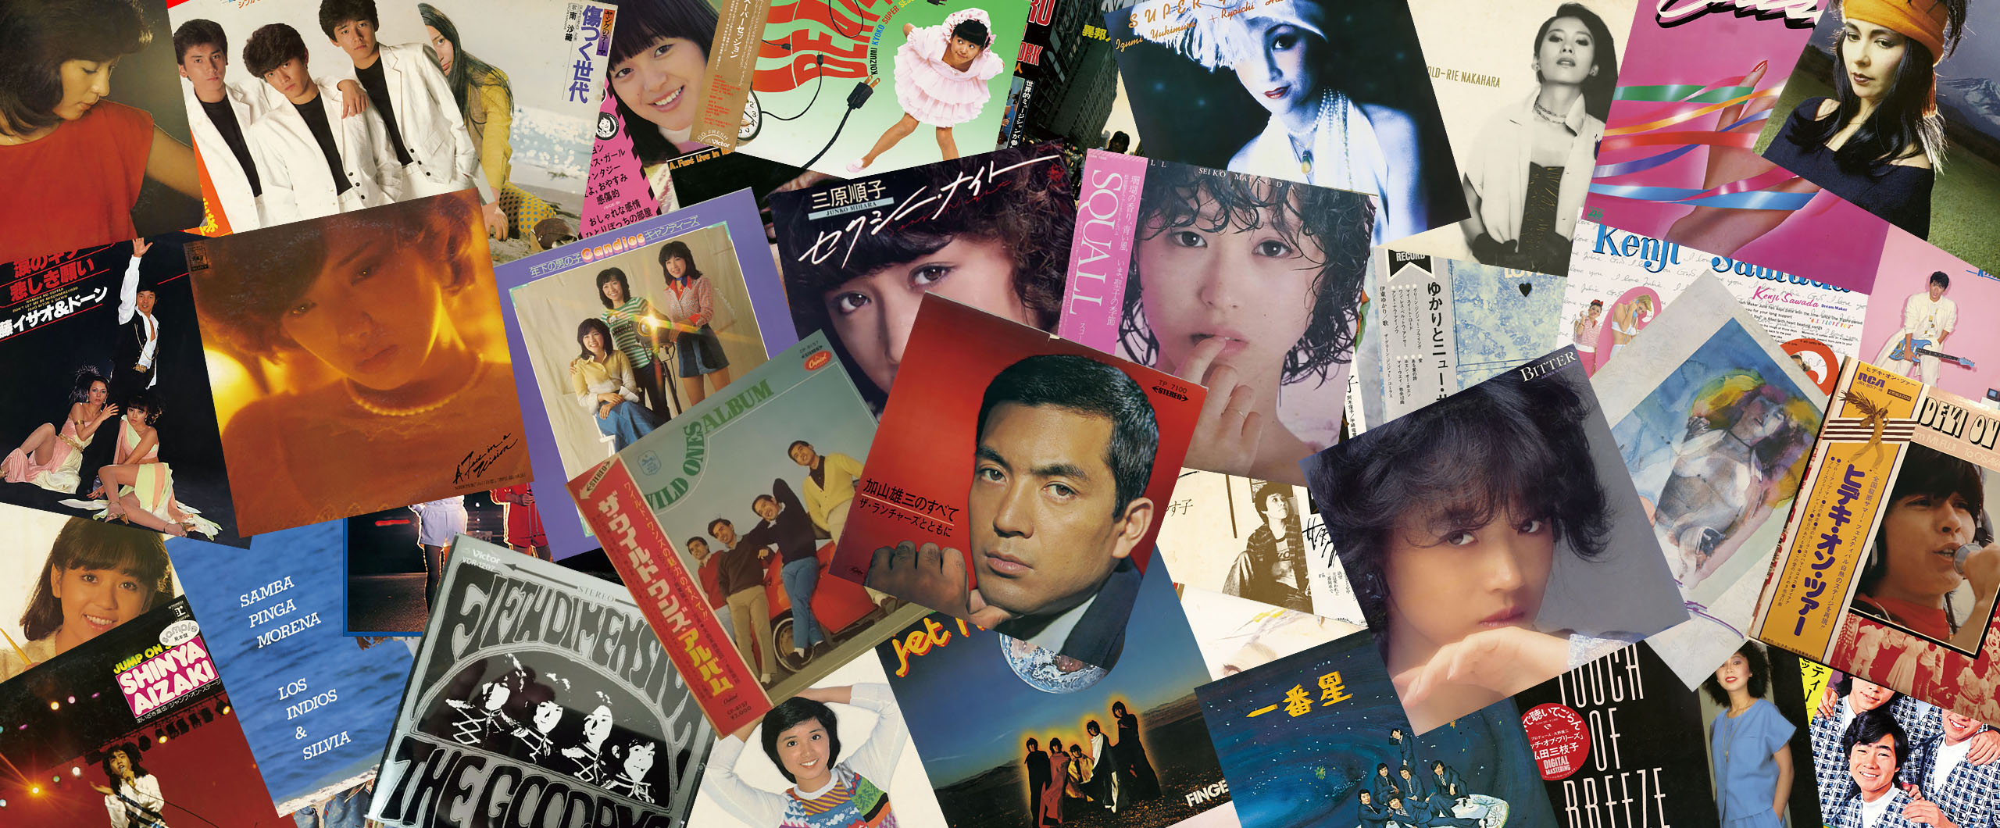 ギタリストなら絶対に聴くべき昭和歌謡の名盤40(1/4)